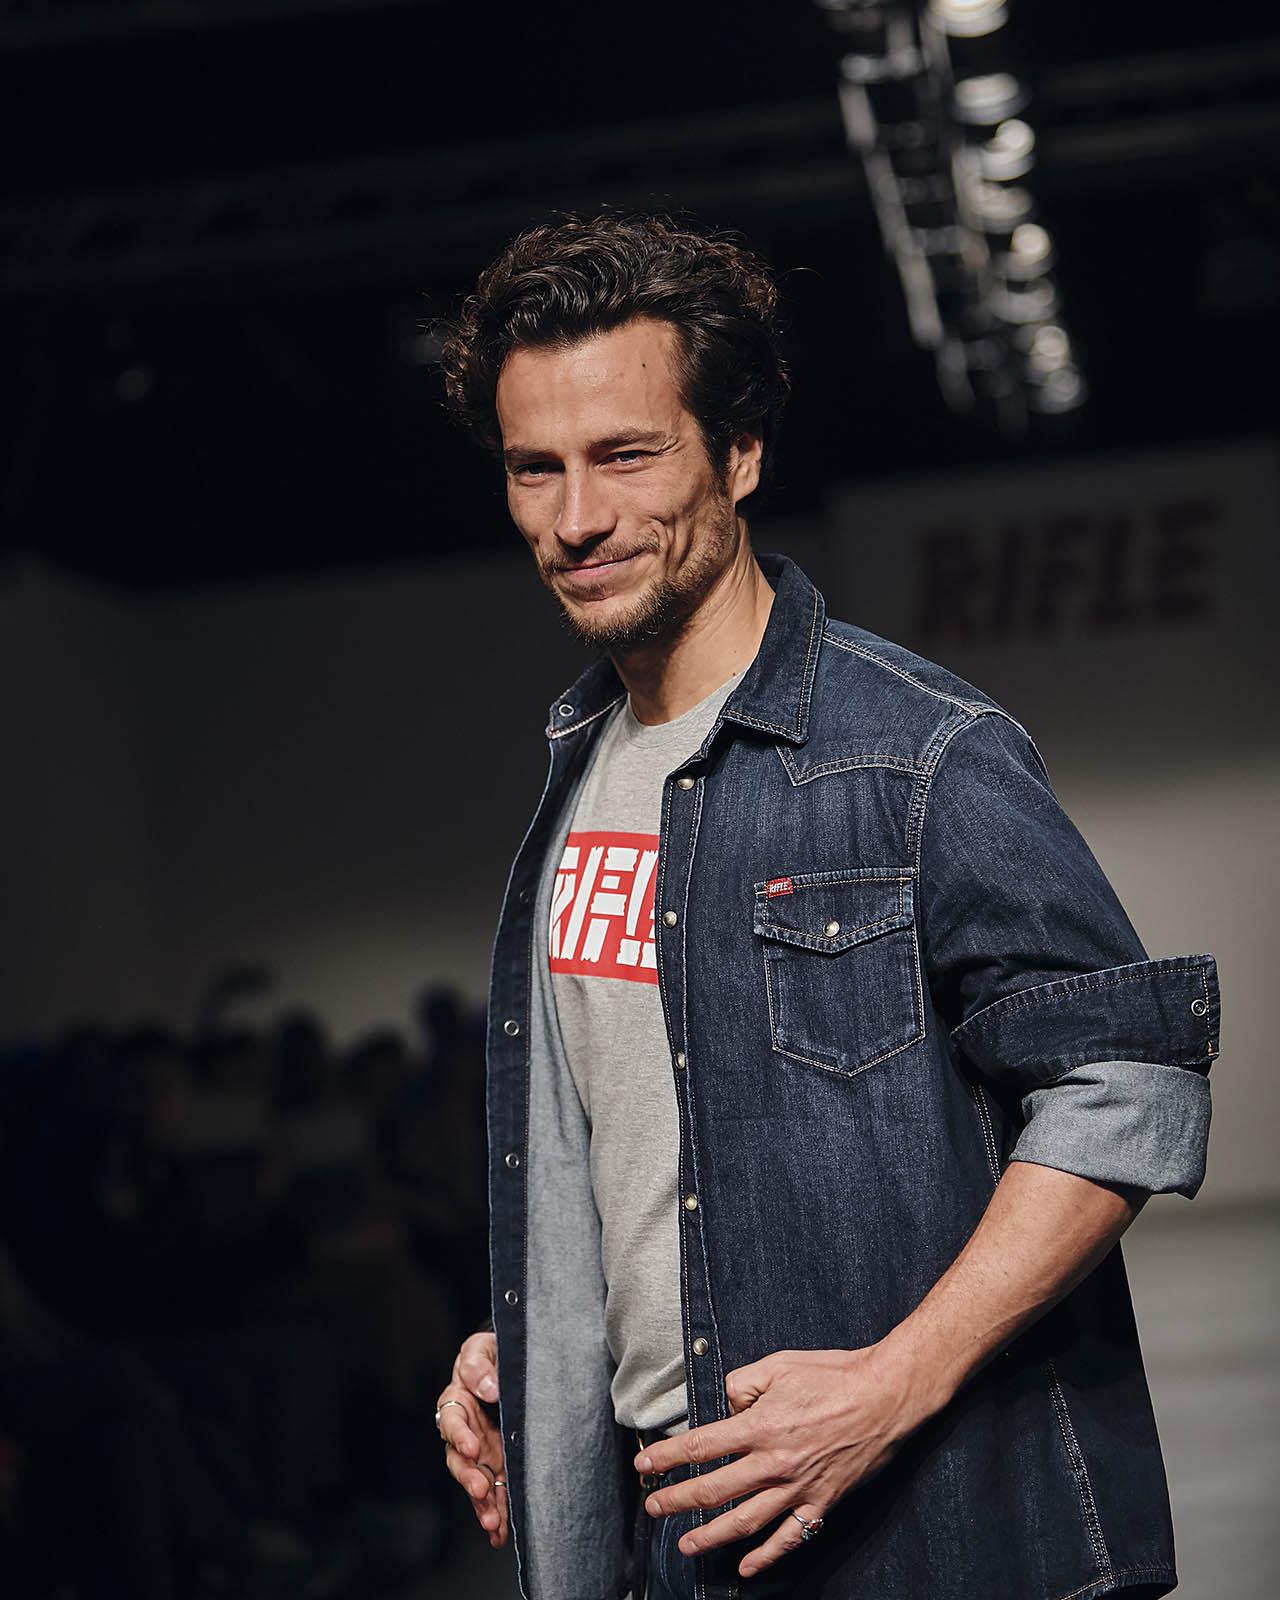 fotografo_backstage_moda-sfilata_reportage_fashion_rifle_jeans_commerciale_0002